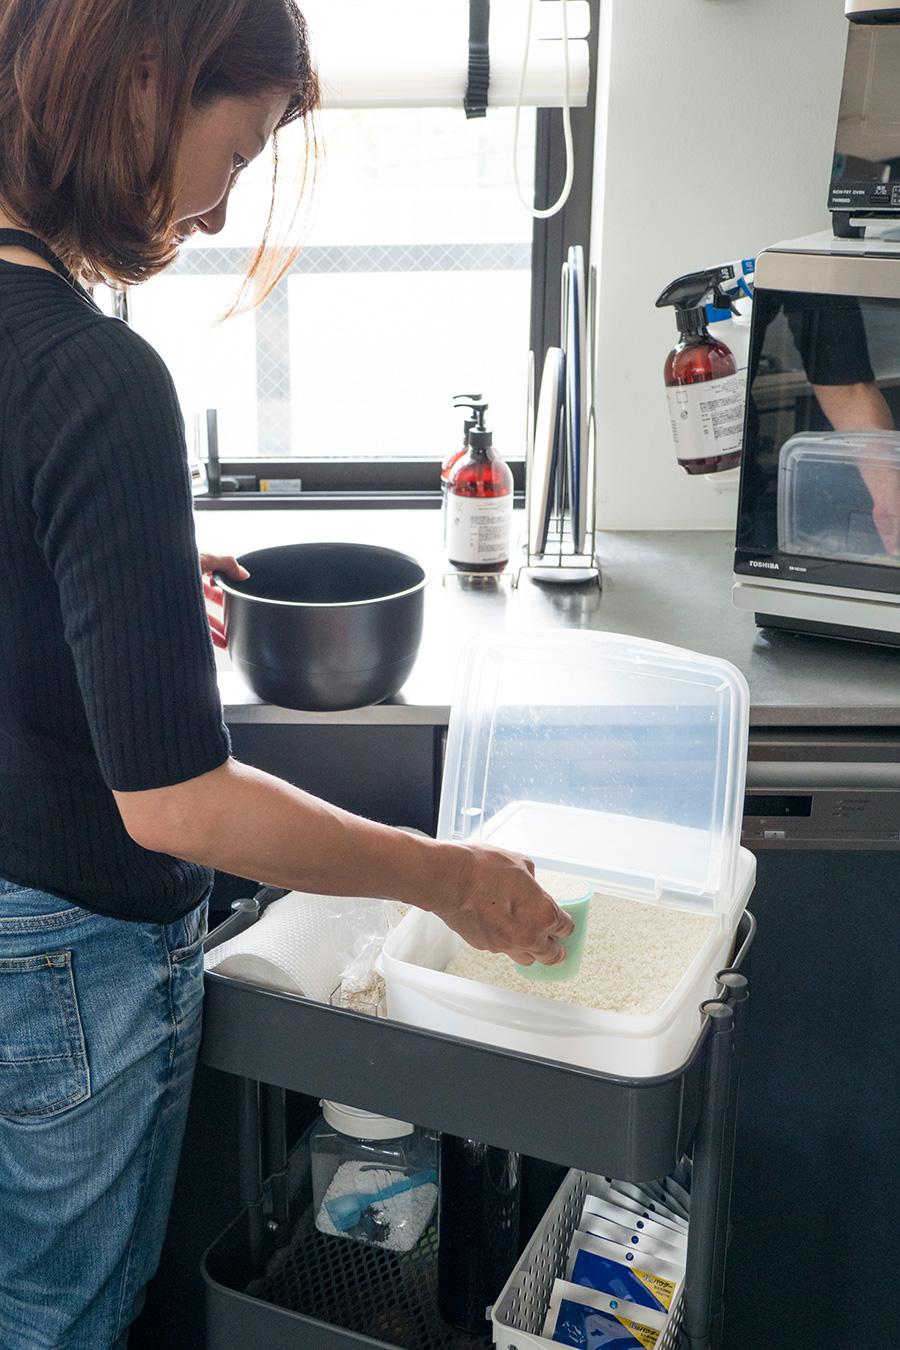 米びつをワゴンの上に。しゃがんだり持ち上げたりしなくても、簡単に引き出して計量できる。